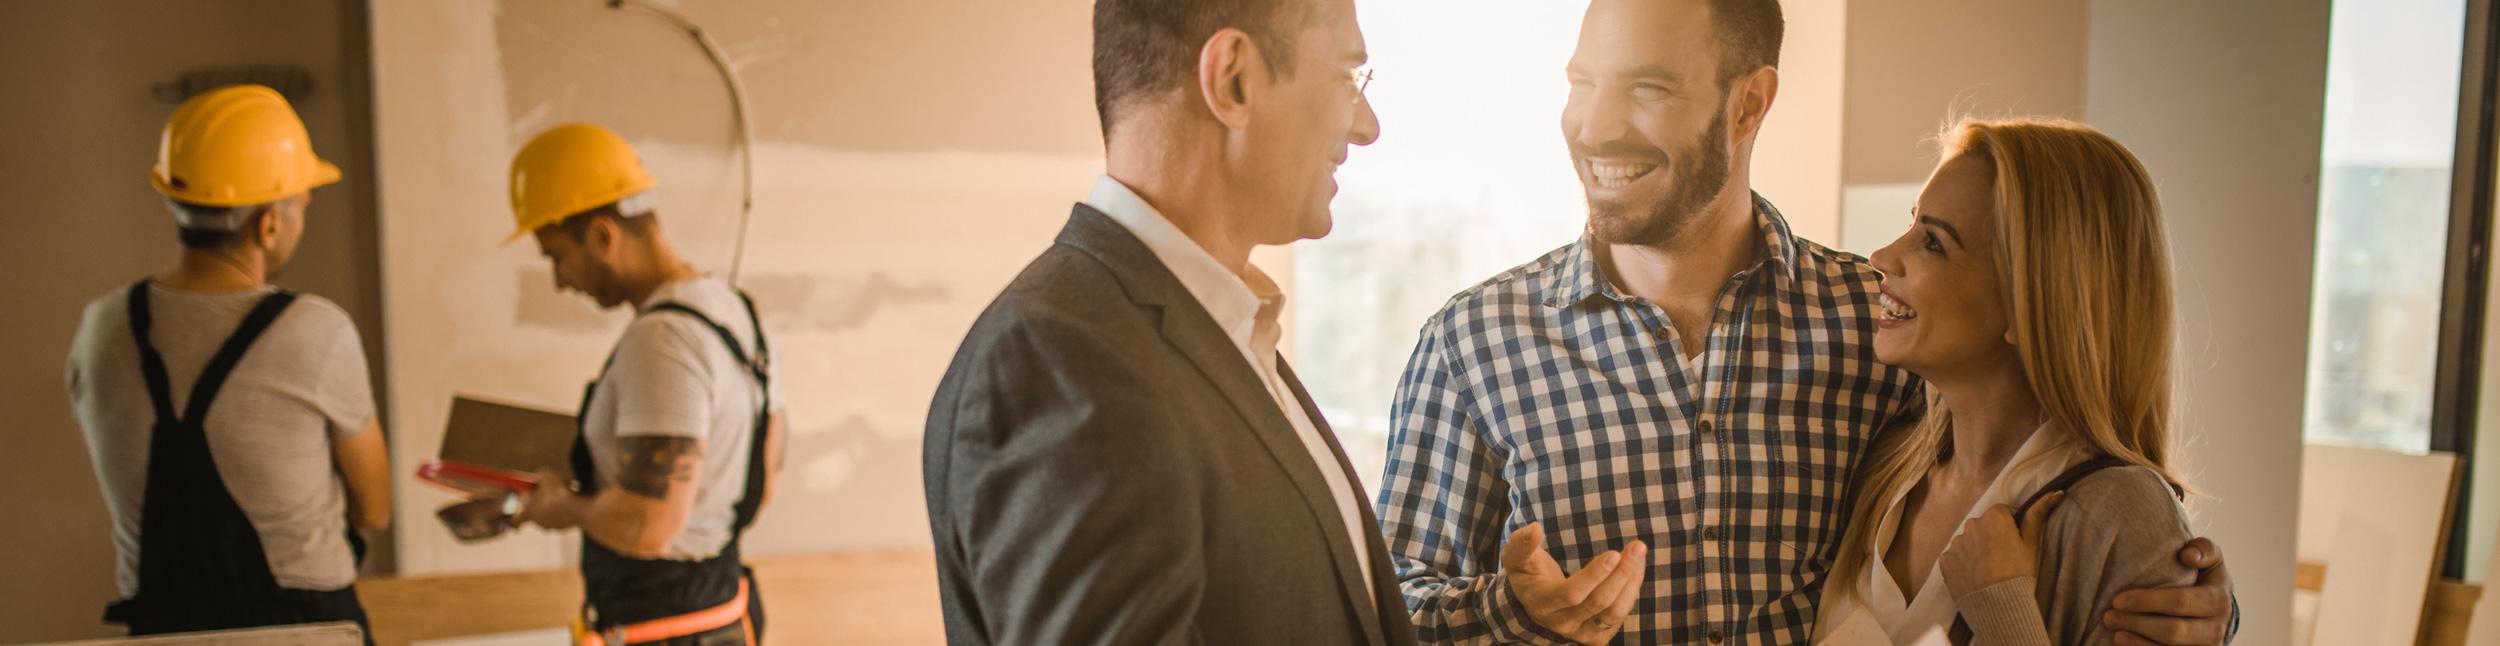 Berater der Firma Urs Metzger AG bei einem Gespräch mit Kunden.